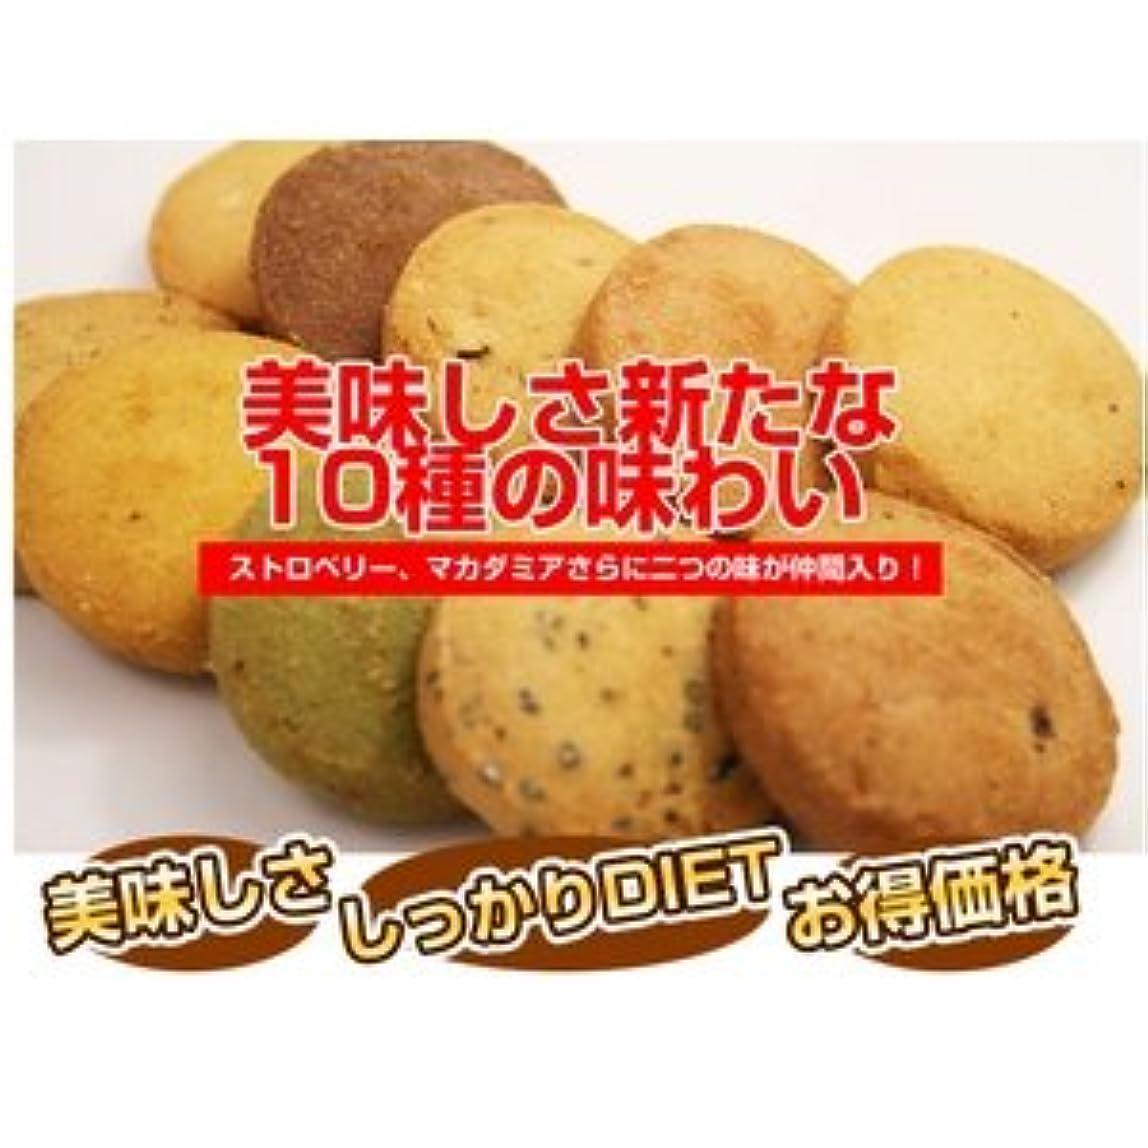 引用感謝祭魅了する10種の豆乳おからクッキー 1kg(500g×2)